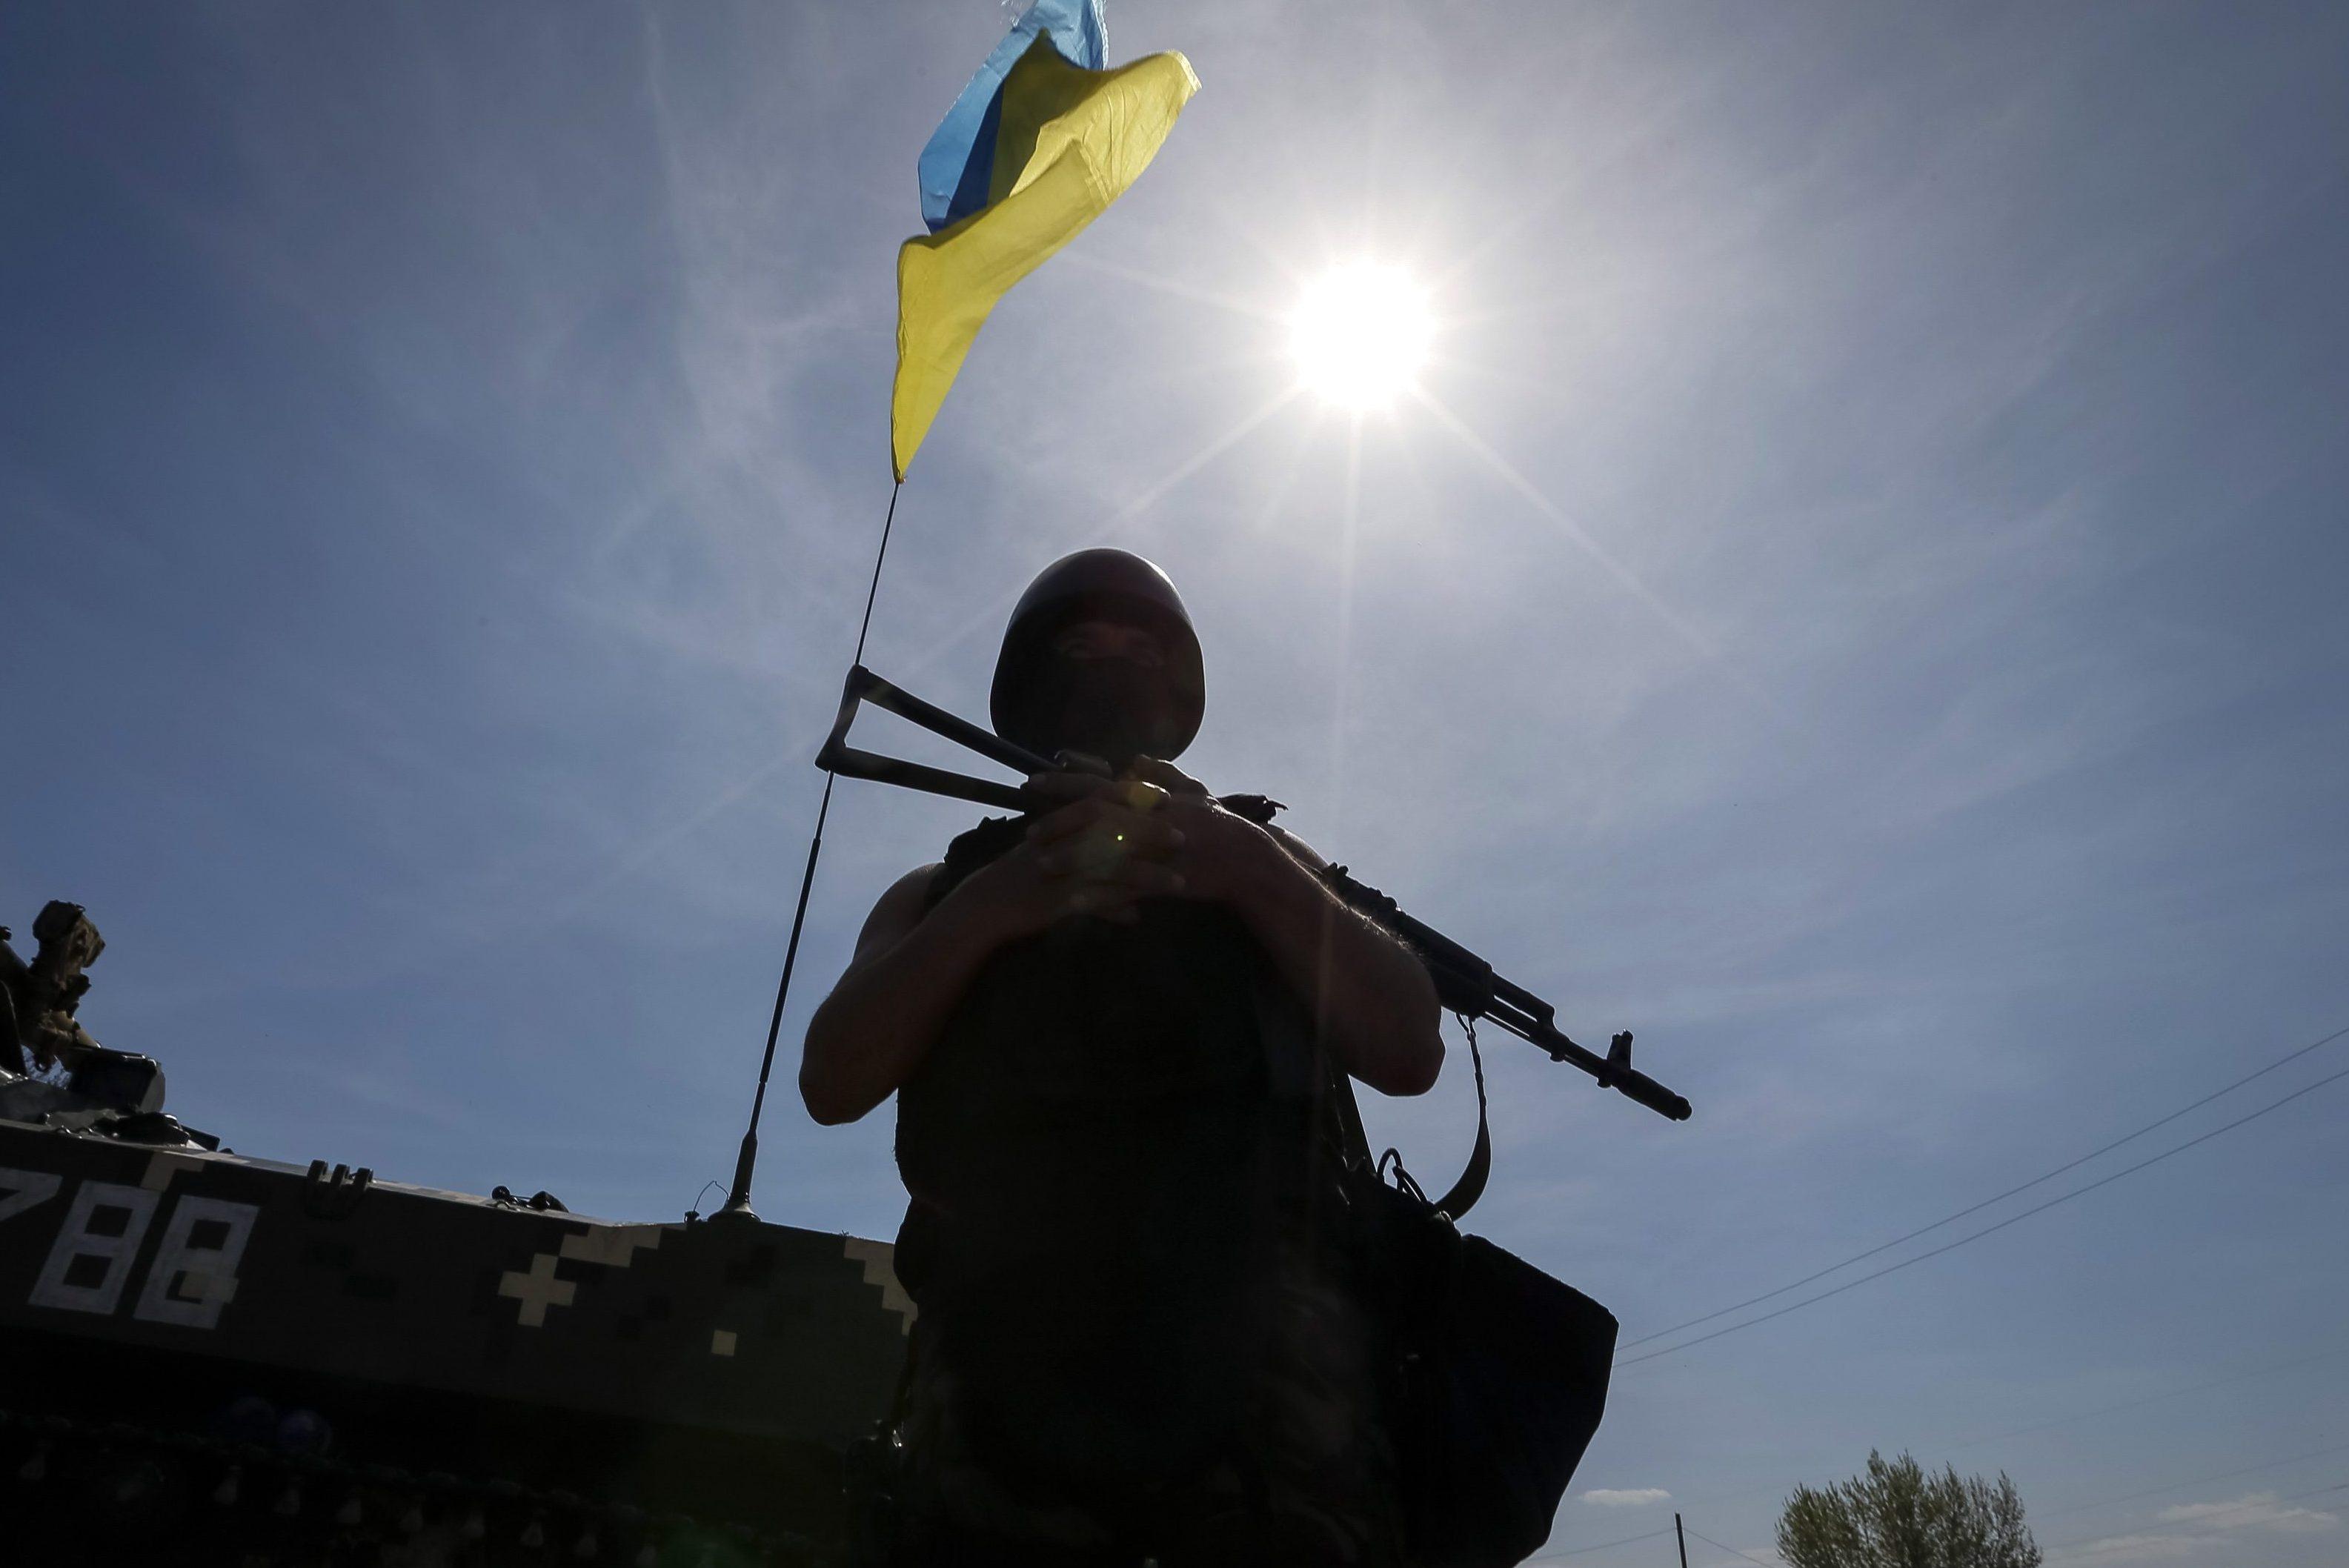 Десята бригада – найбільший платник податків у Коломиї (ВІДЕО)